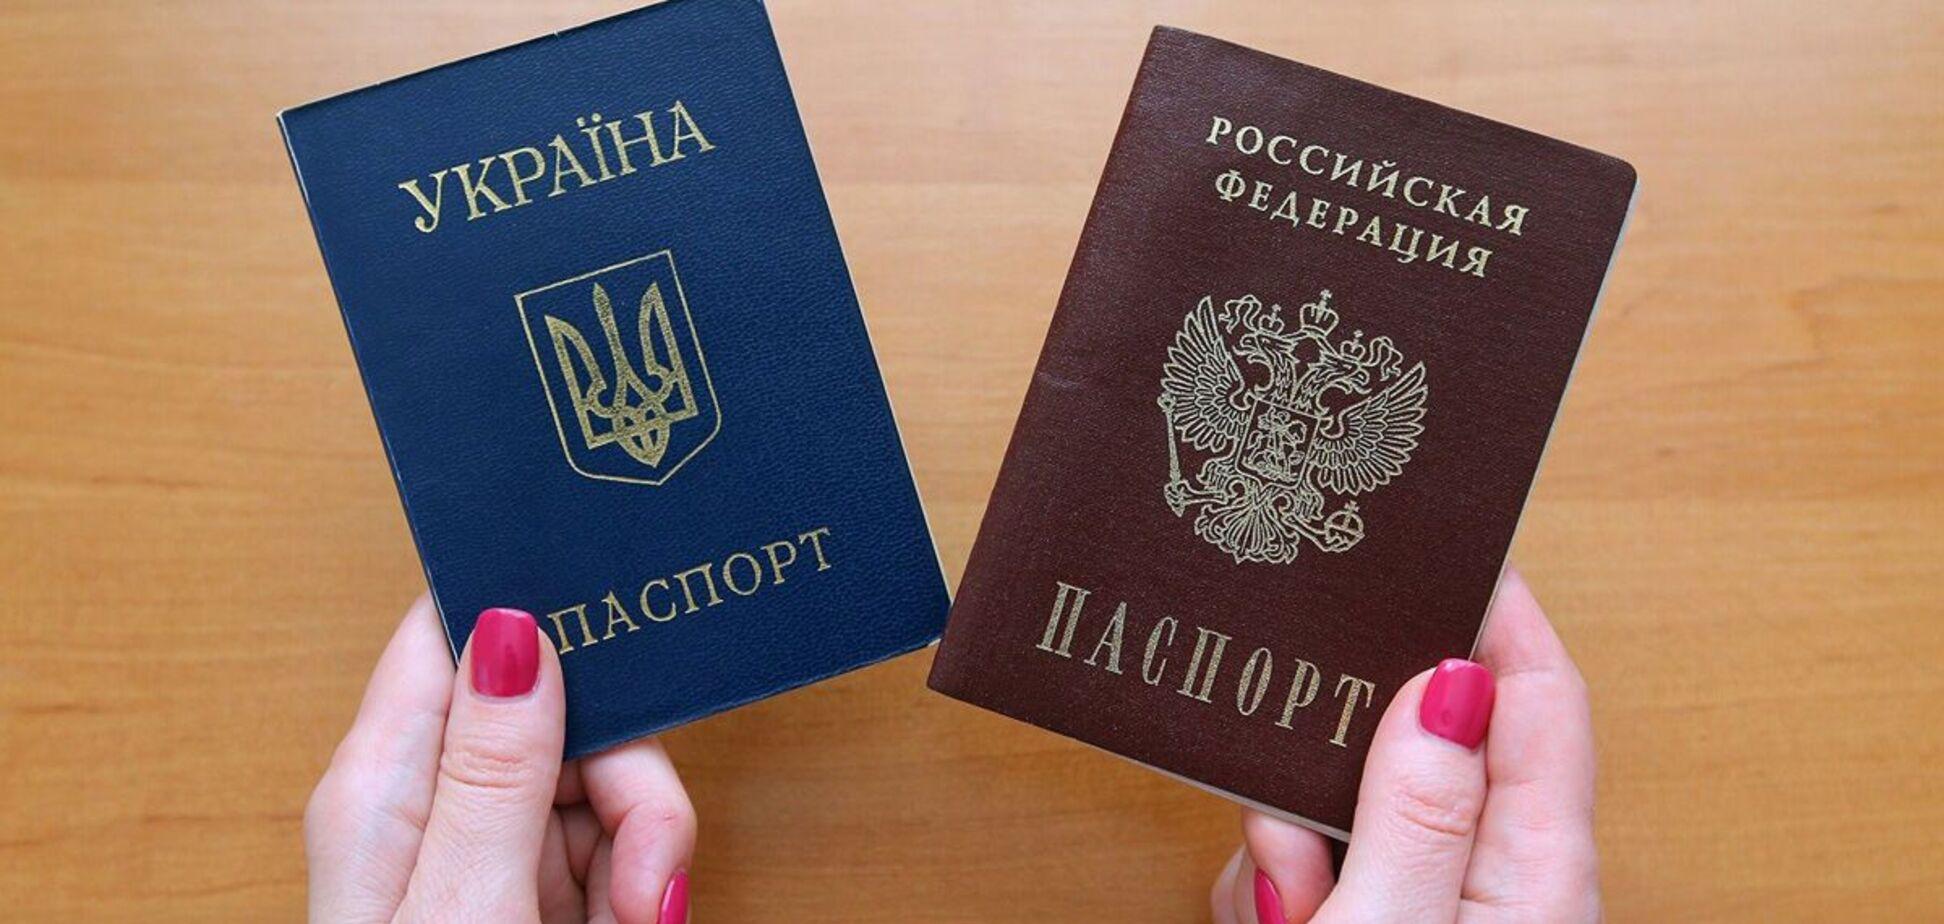 В Україні хочуть ввести контроль за подвійним громадянством: РНБО попросила розробити закон